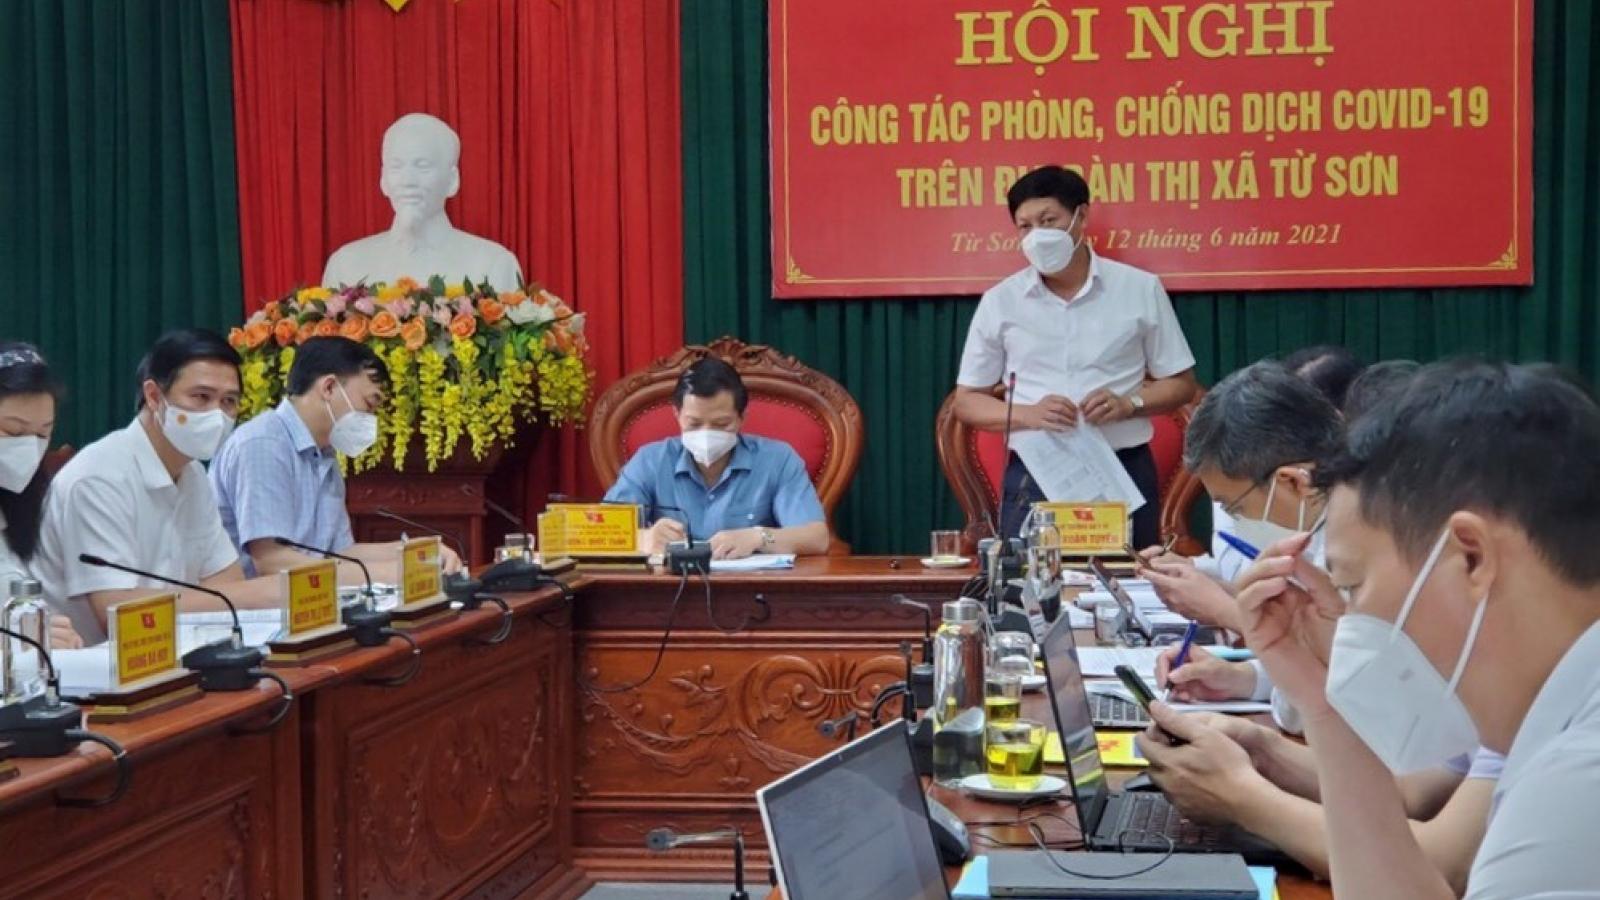 Thị xã Từ Sơn (Bắc Ninh) đề xuất giảm mức độ giãn cách